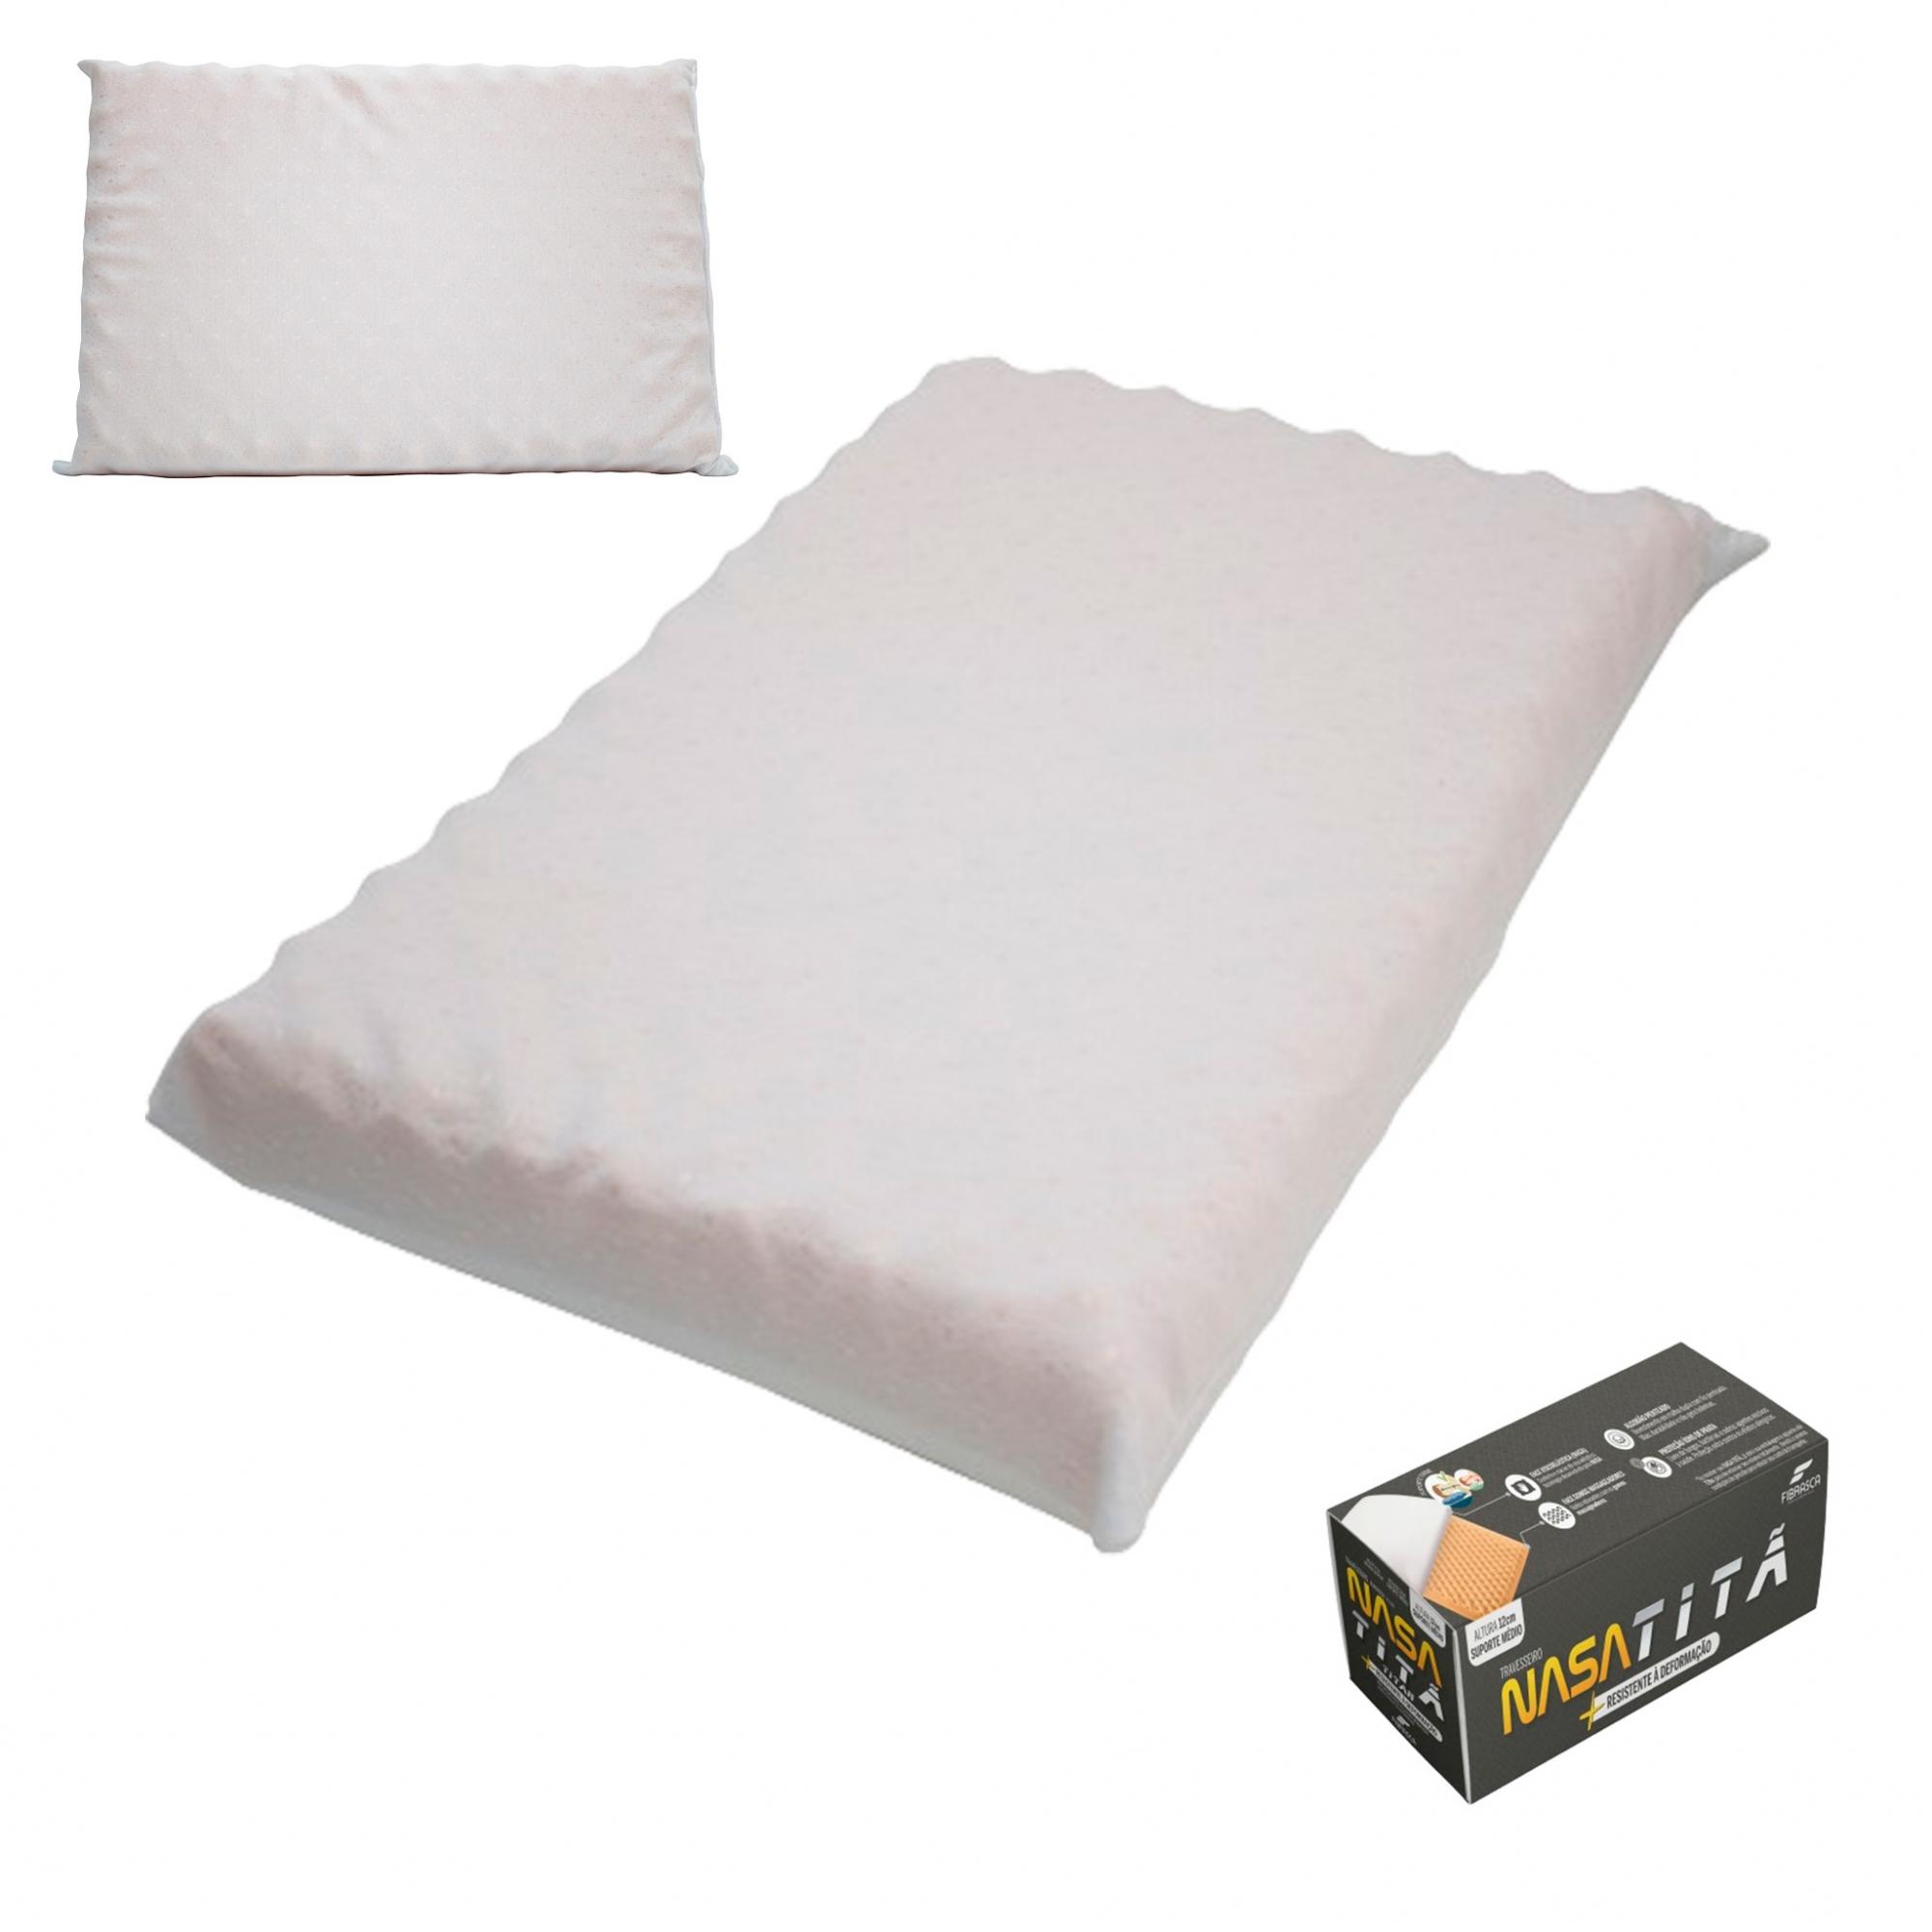 Travesseiro Nasa Titã P/ Fronhas 50x70cm - Fibrasca